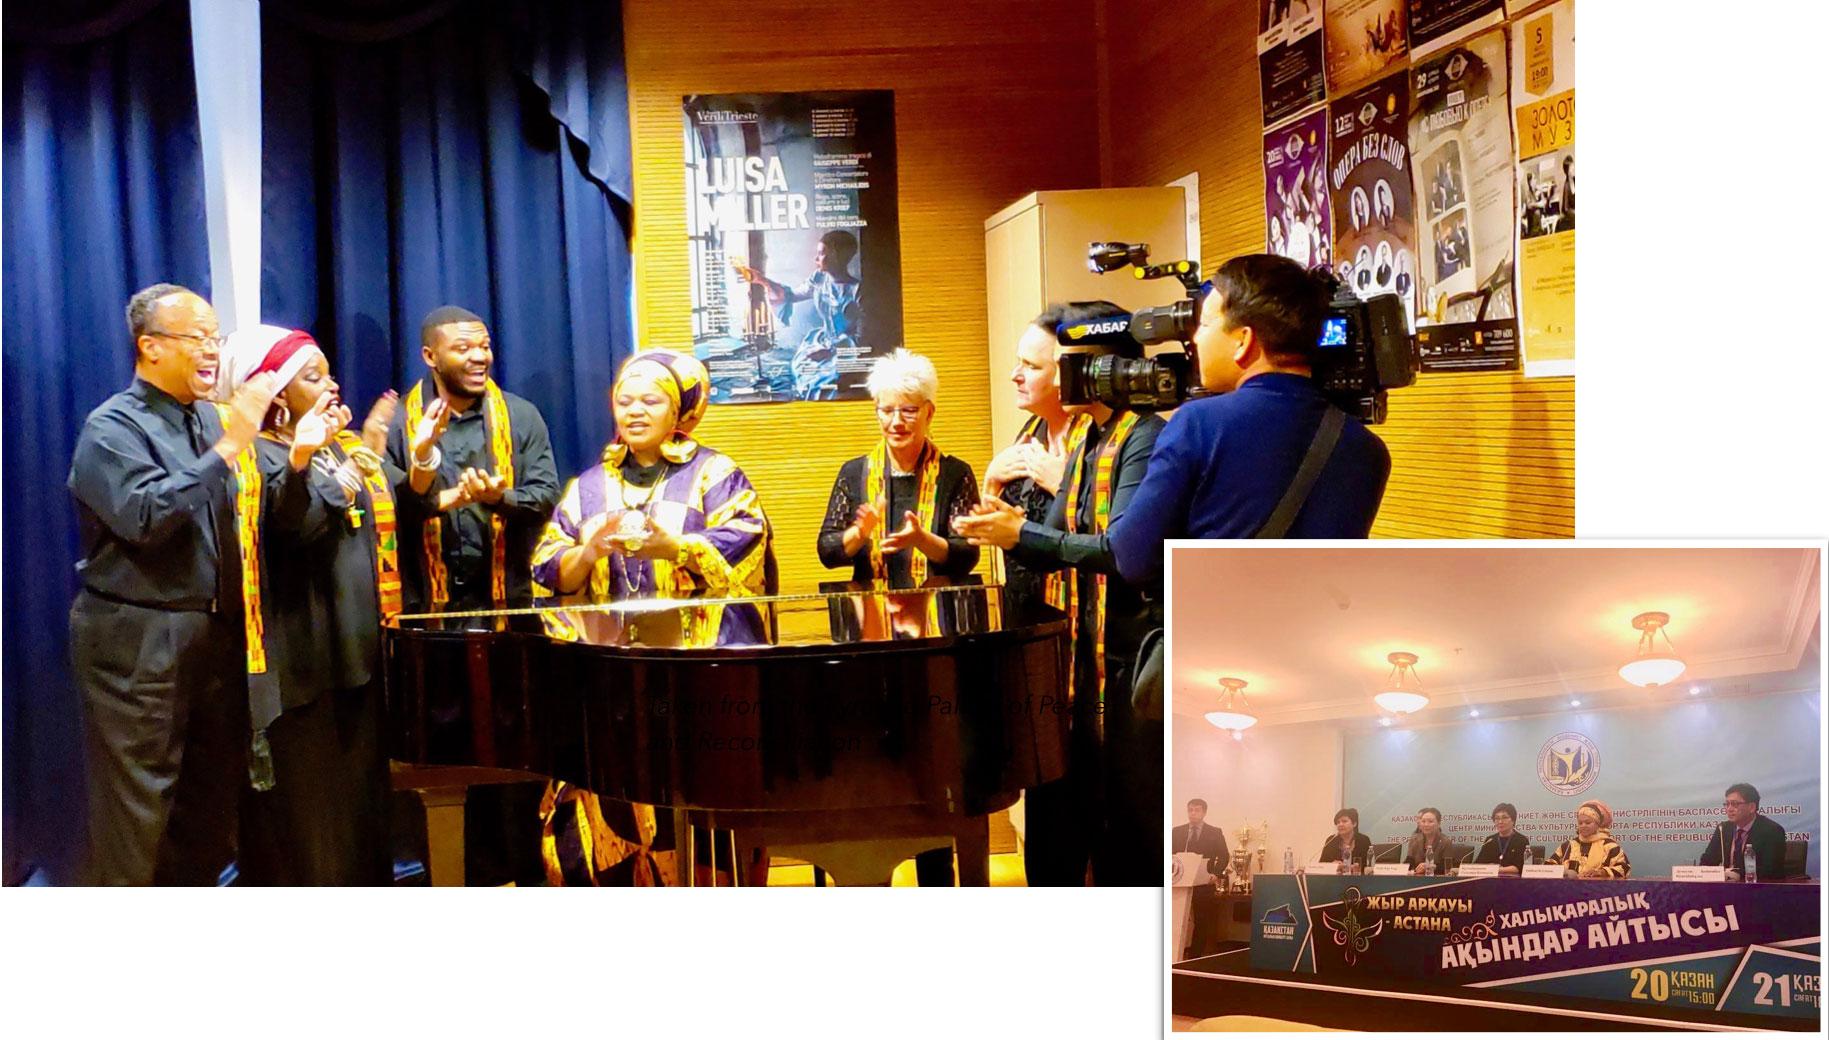 Astana-VoiceOfTheWorld2.jpg